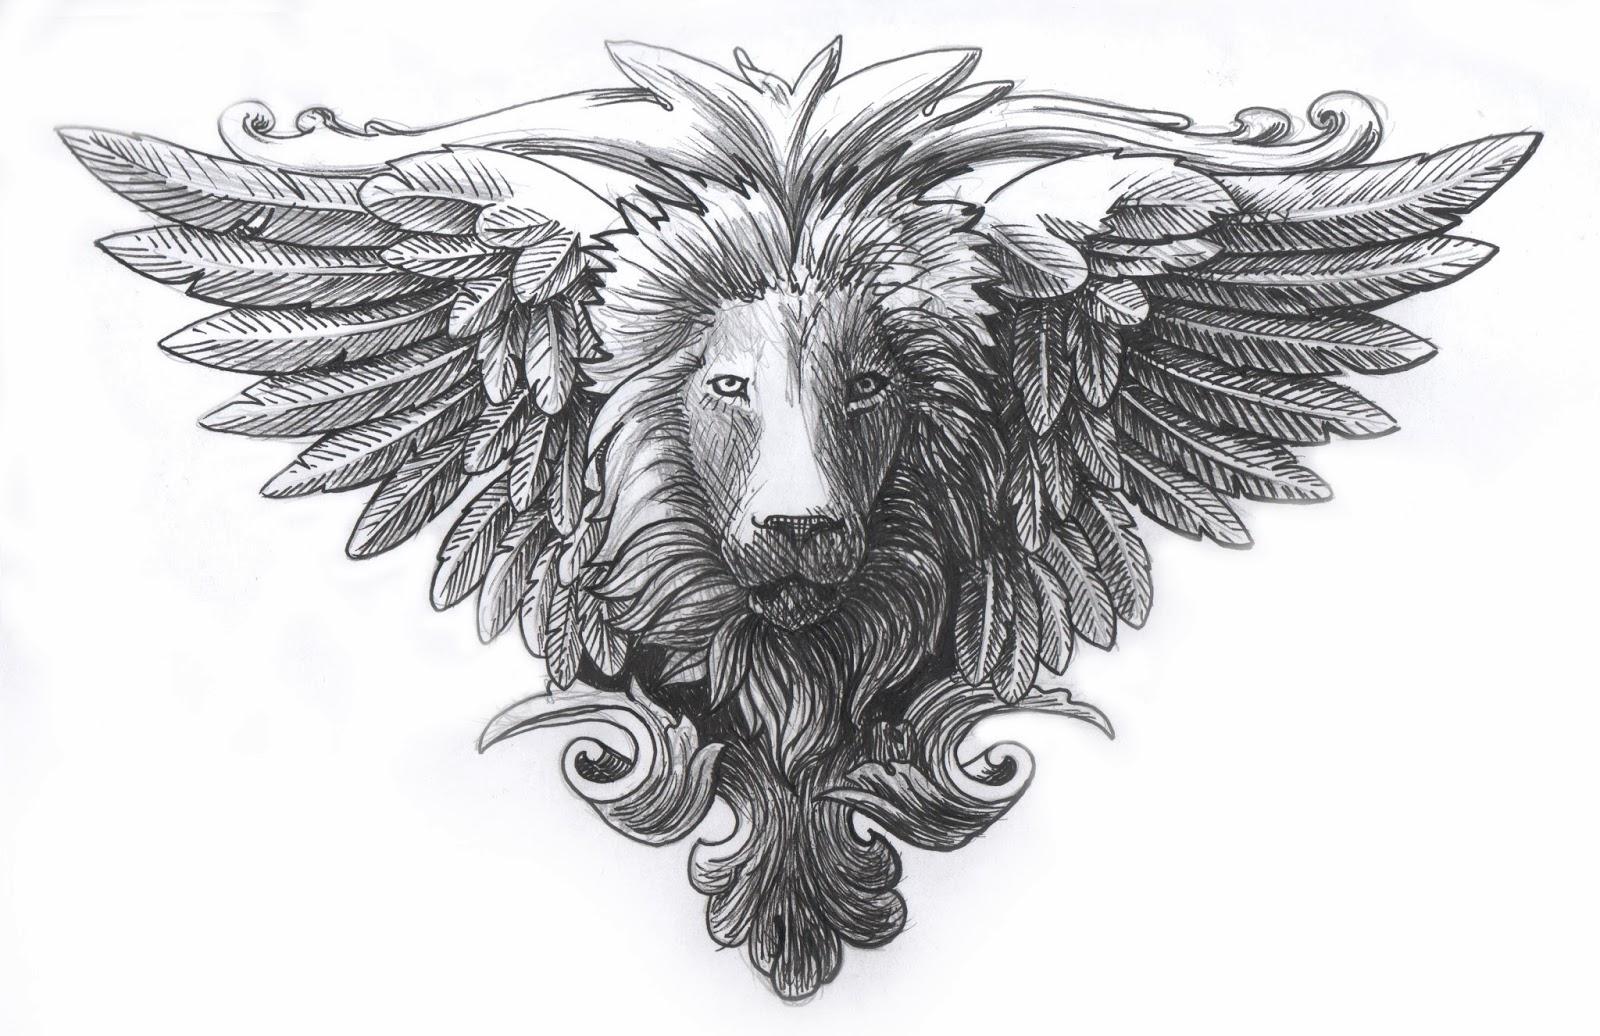 je continue de dessiner dur quelques projets en vue et des choses vraiment bien plus pour le moment je vous prsente un lion ail faon armoiries du